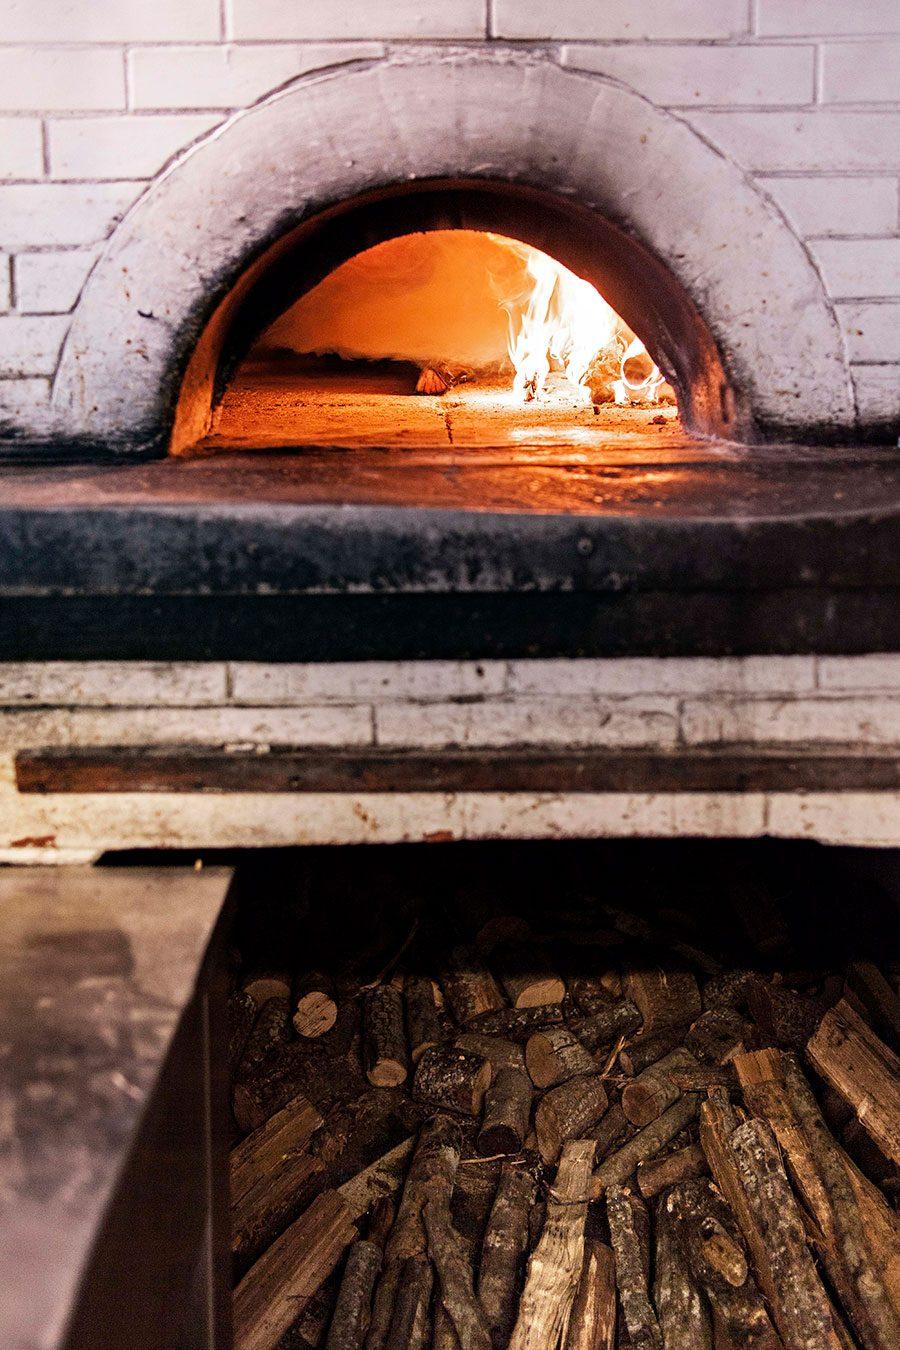 La vera pizza napoletana a pochi passi dall 39 ara pacis di roma - Temperatura forno a legna pizza ...